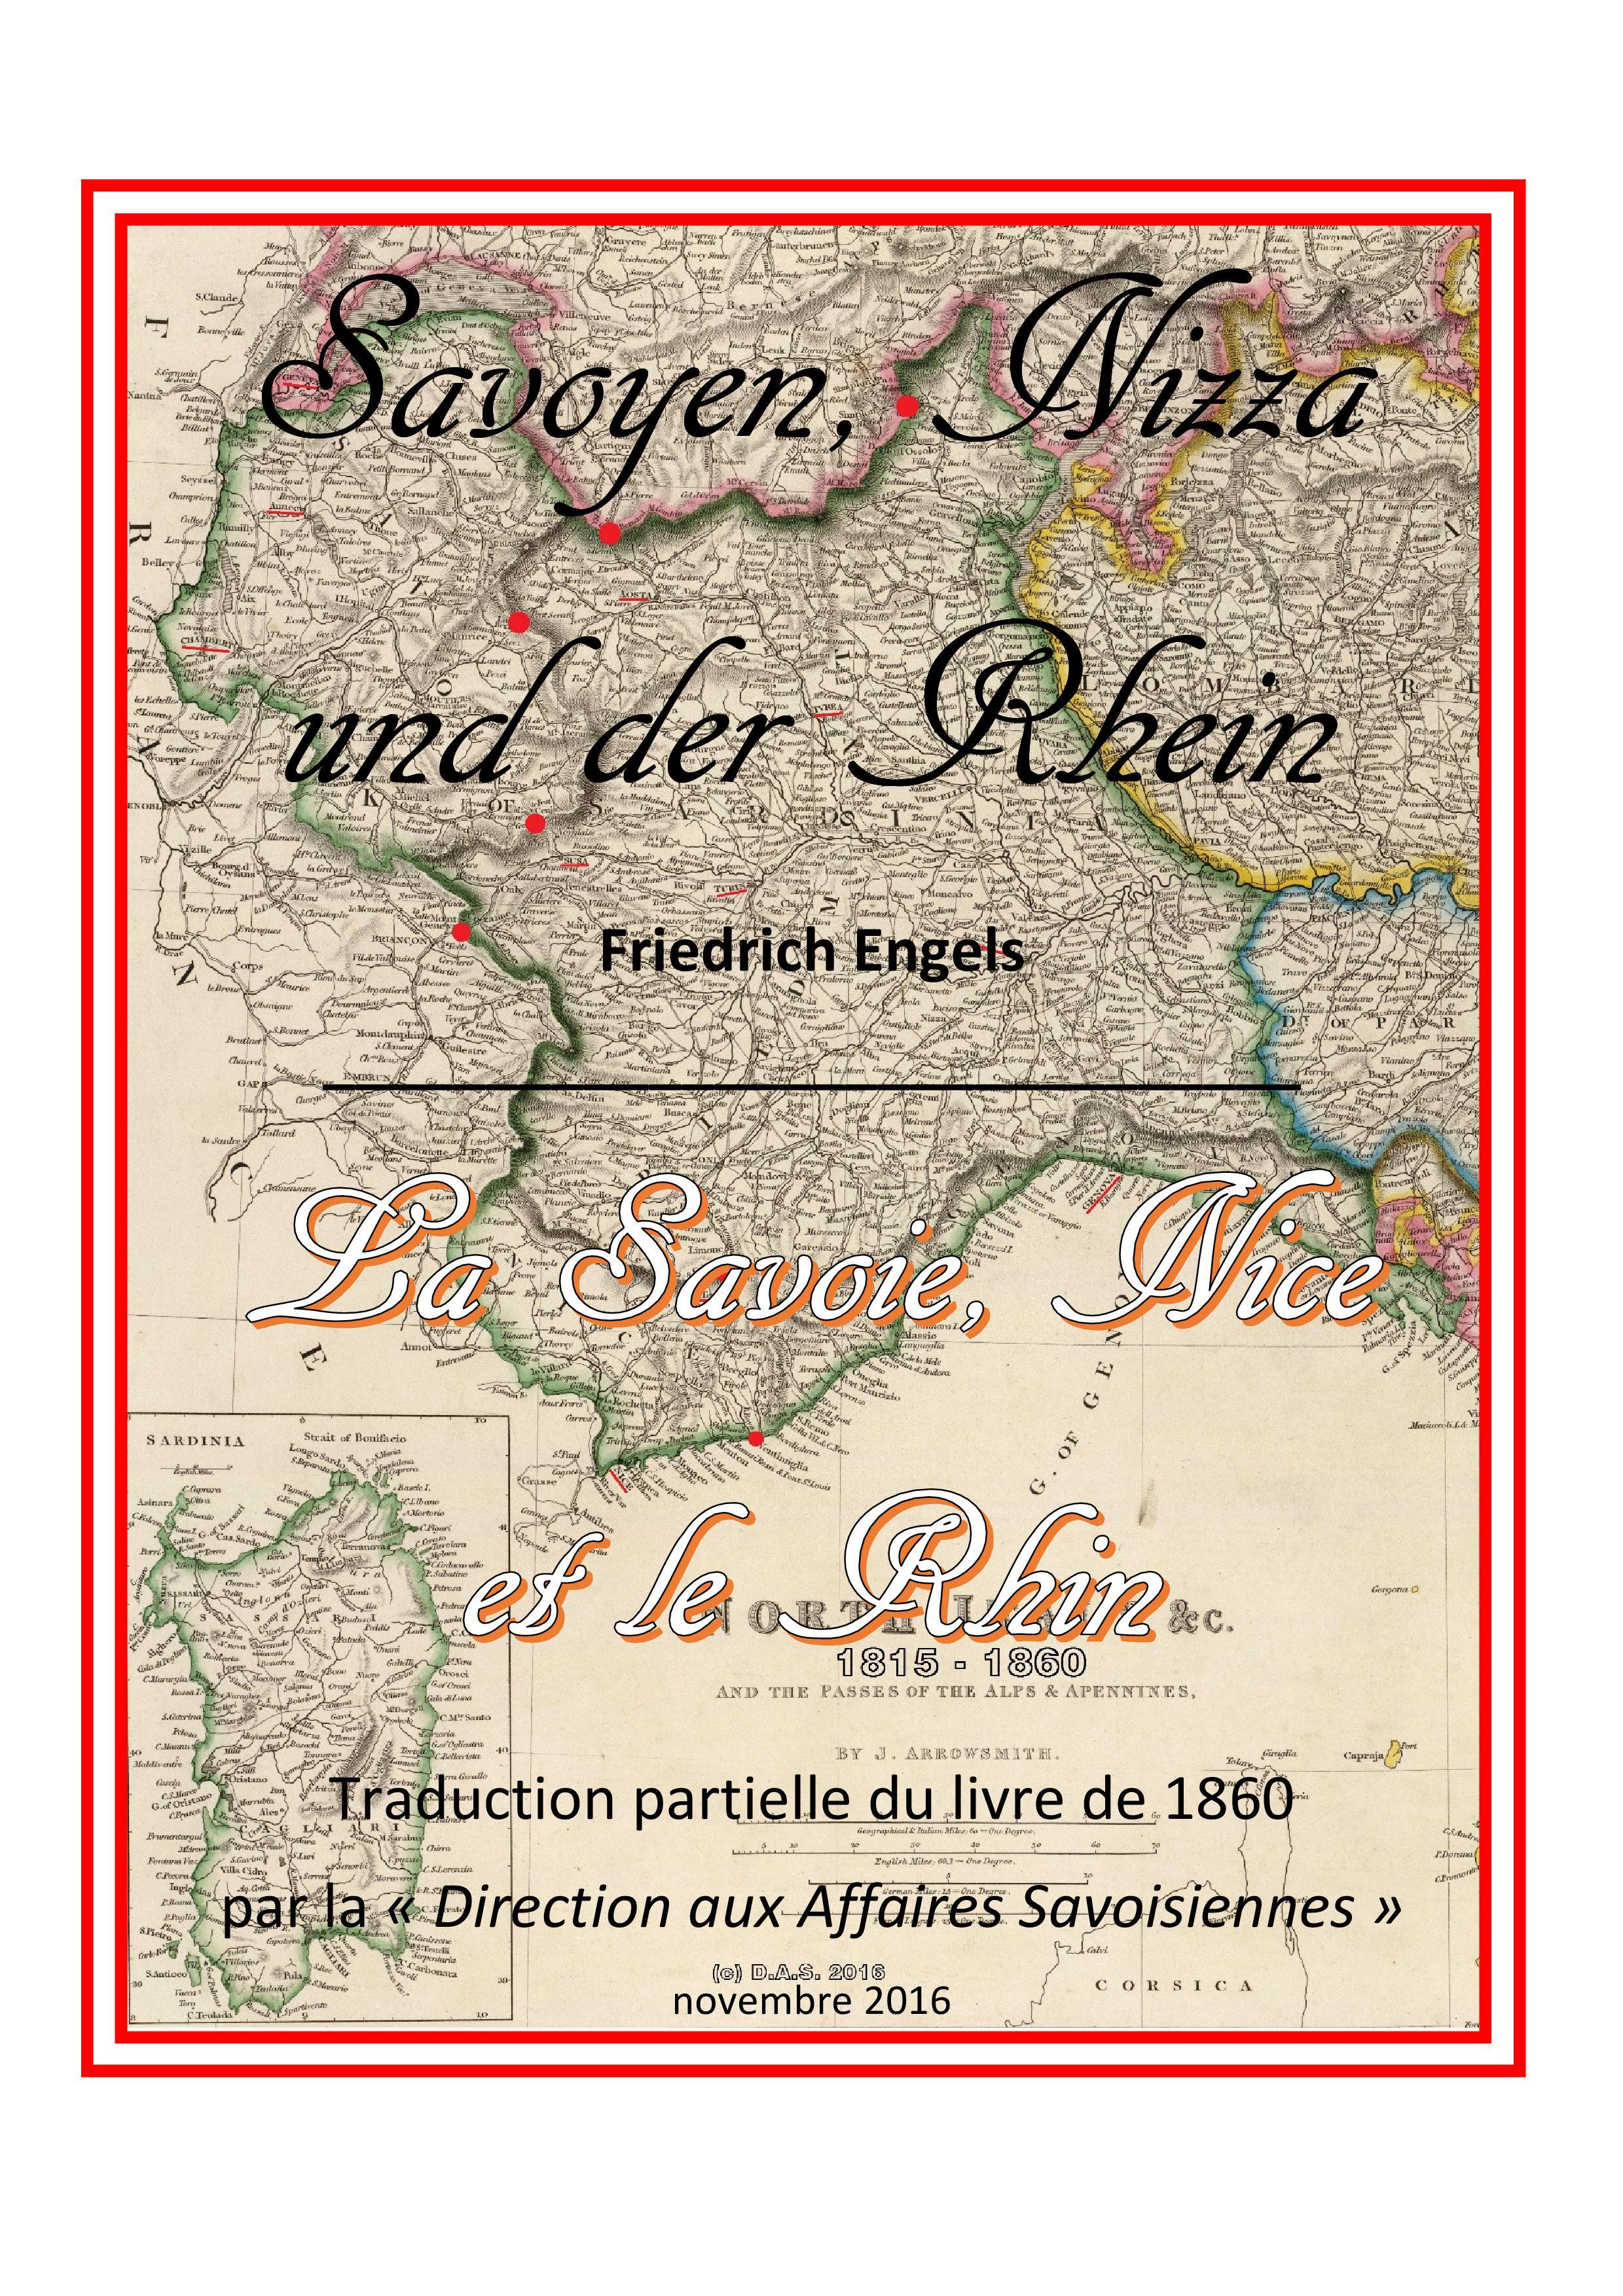 Savoyen, Nizza une der Rhein Friedrich Engels 1860 Savoie, Nice et le Rhin